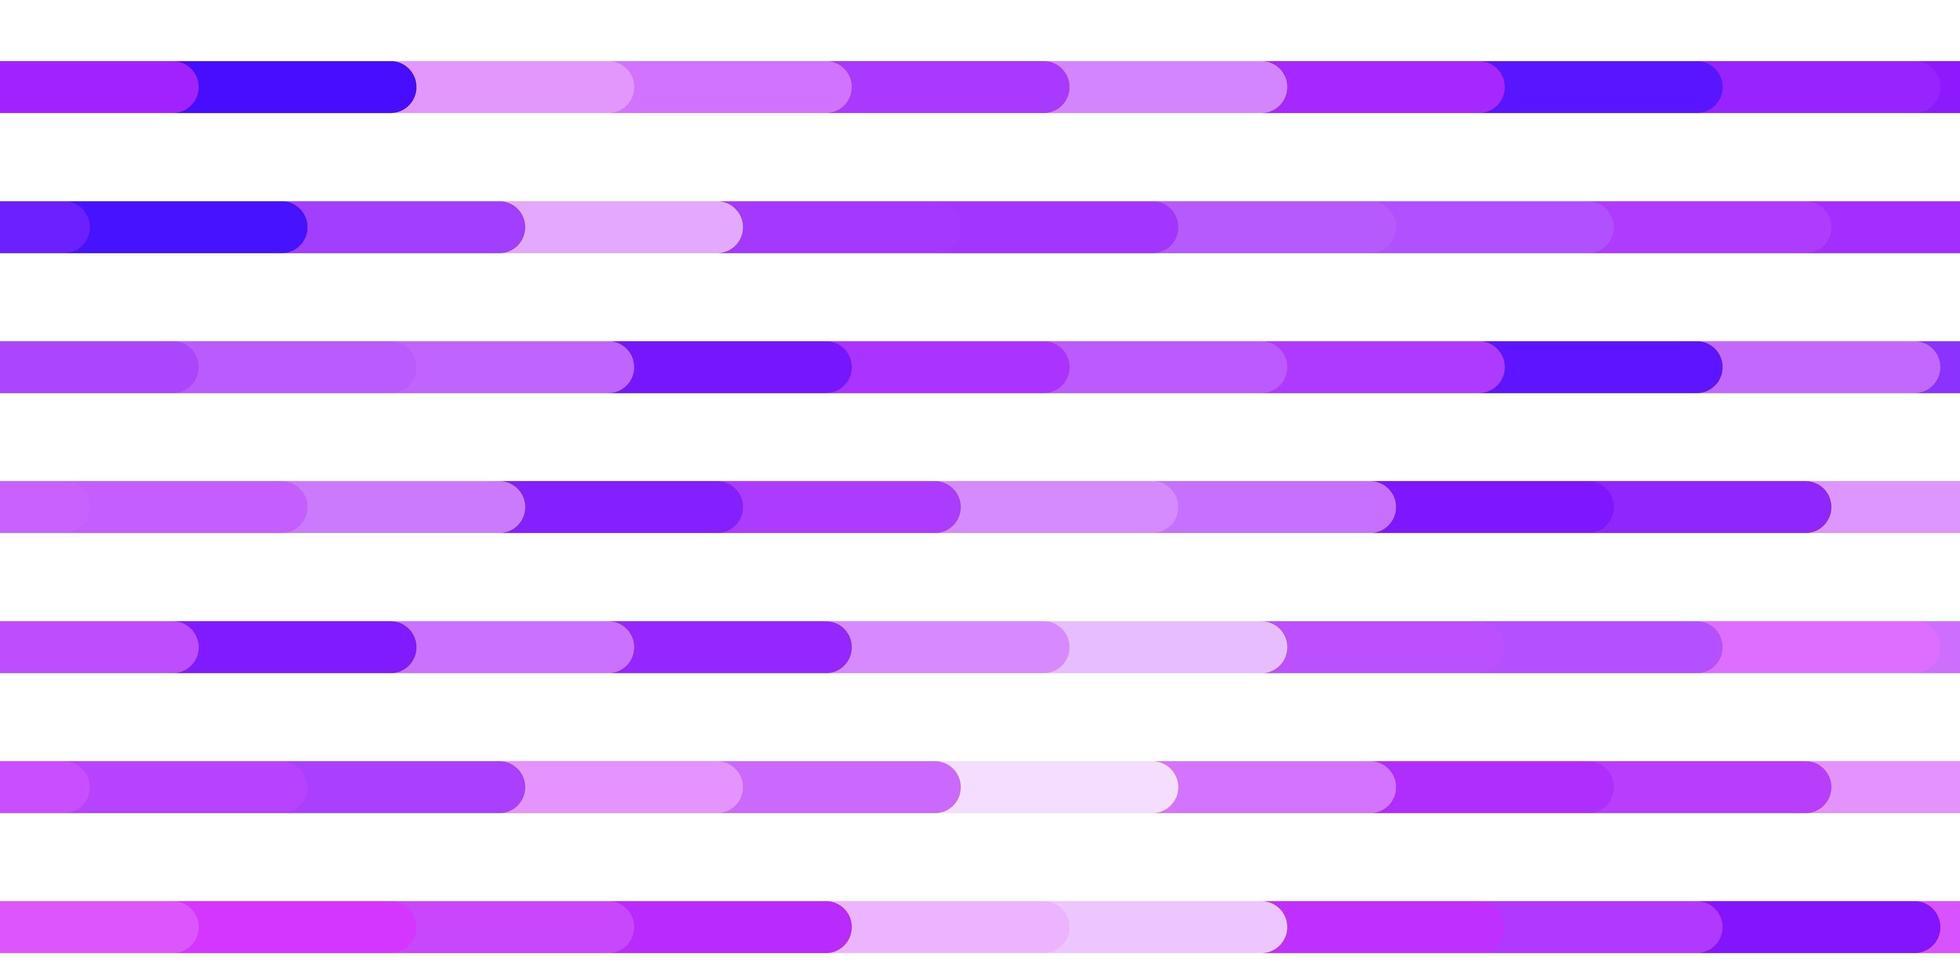 patrón de vector púrpura claro con líneas.